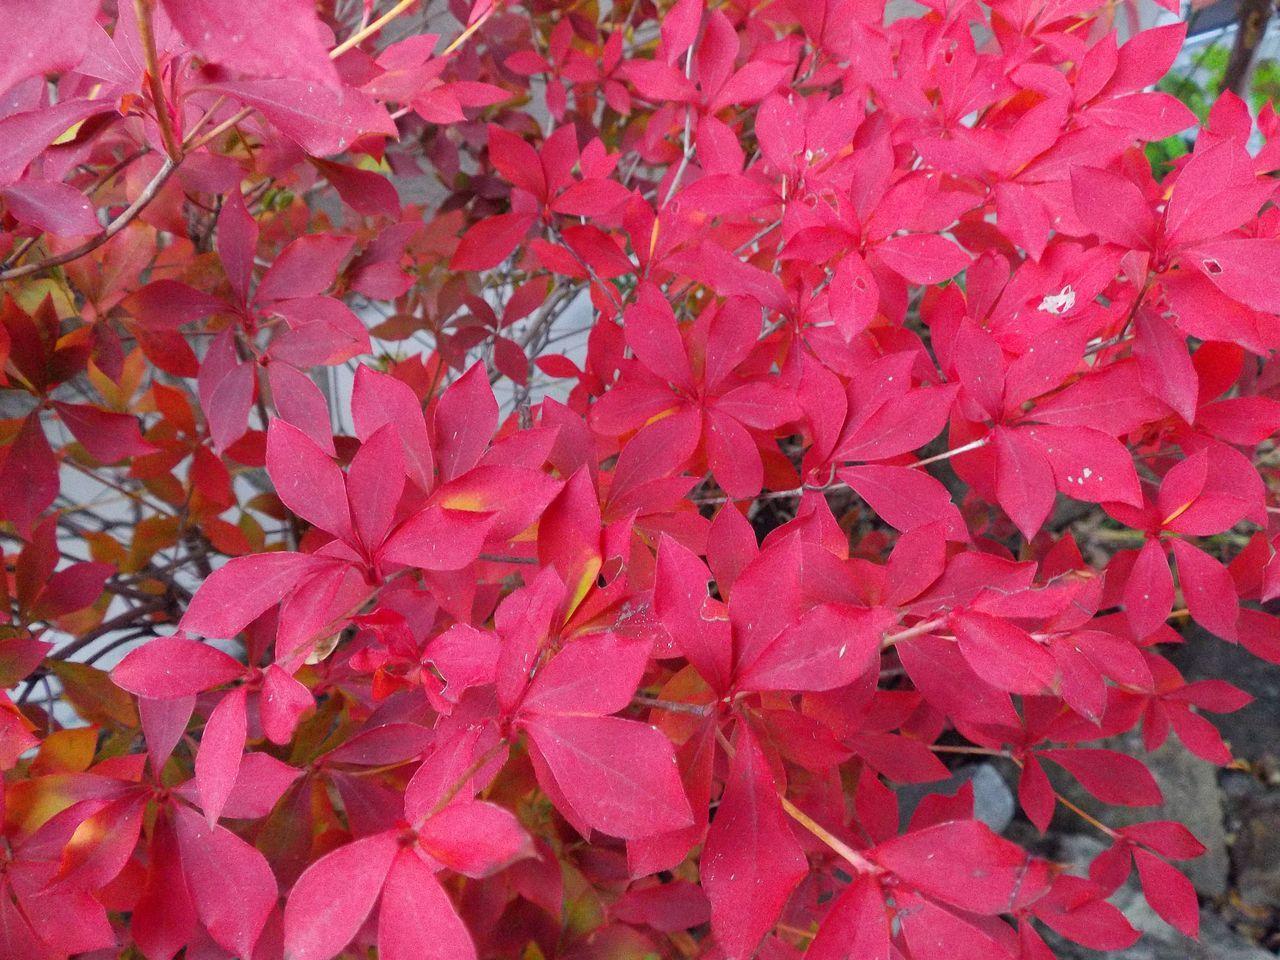 黄葉・紅葉も楽じゃない、そして秋はキク_c0025115_21221014.jpg